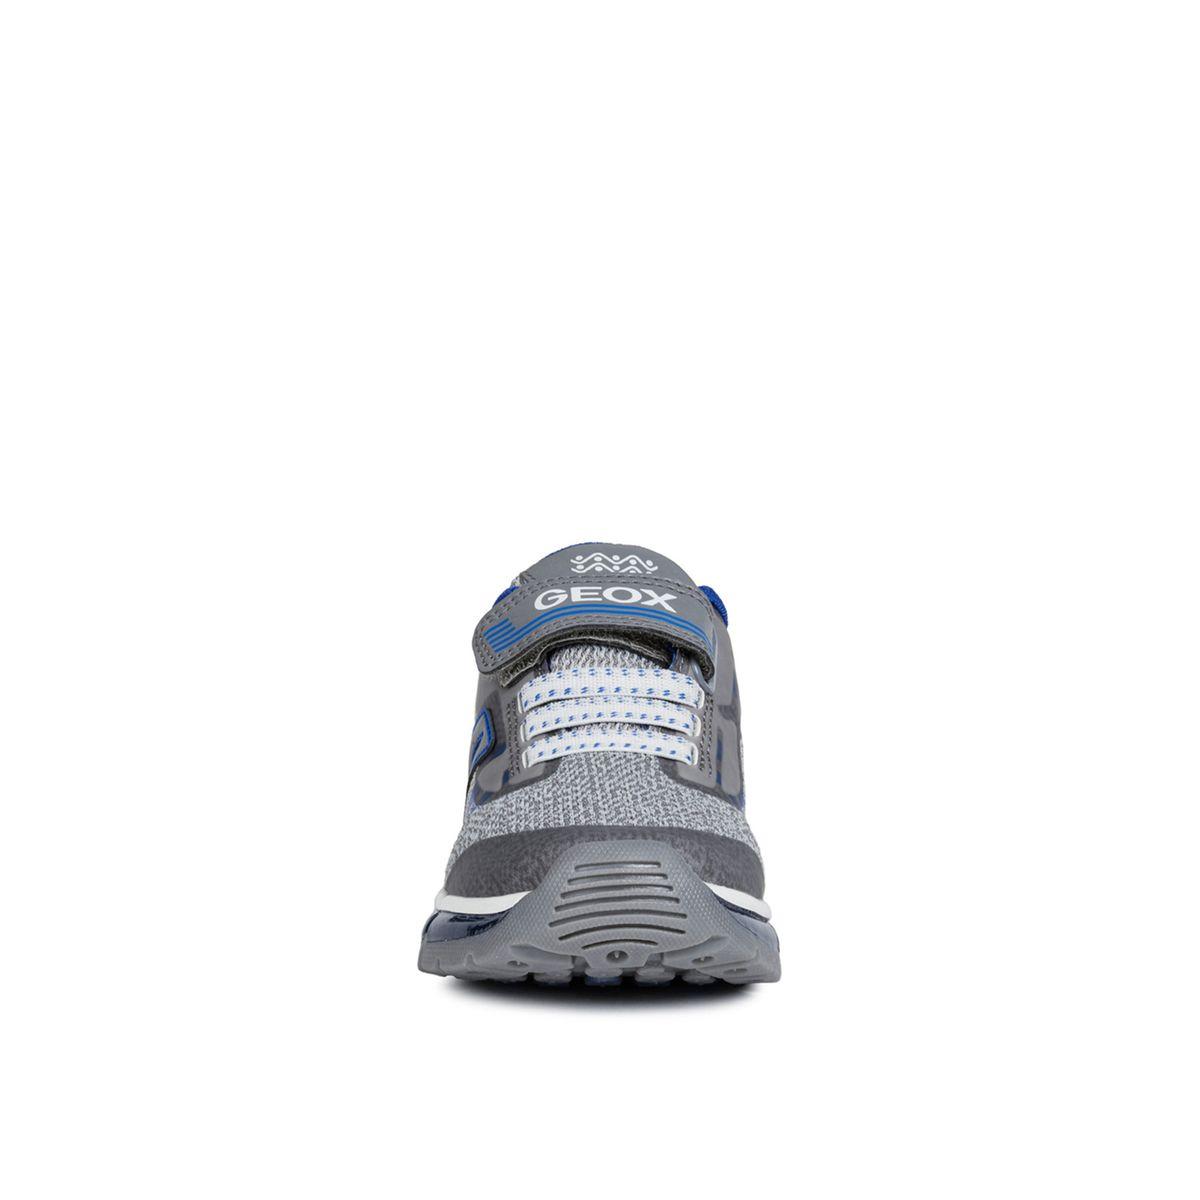 chaussures adidas garcon 29